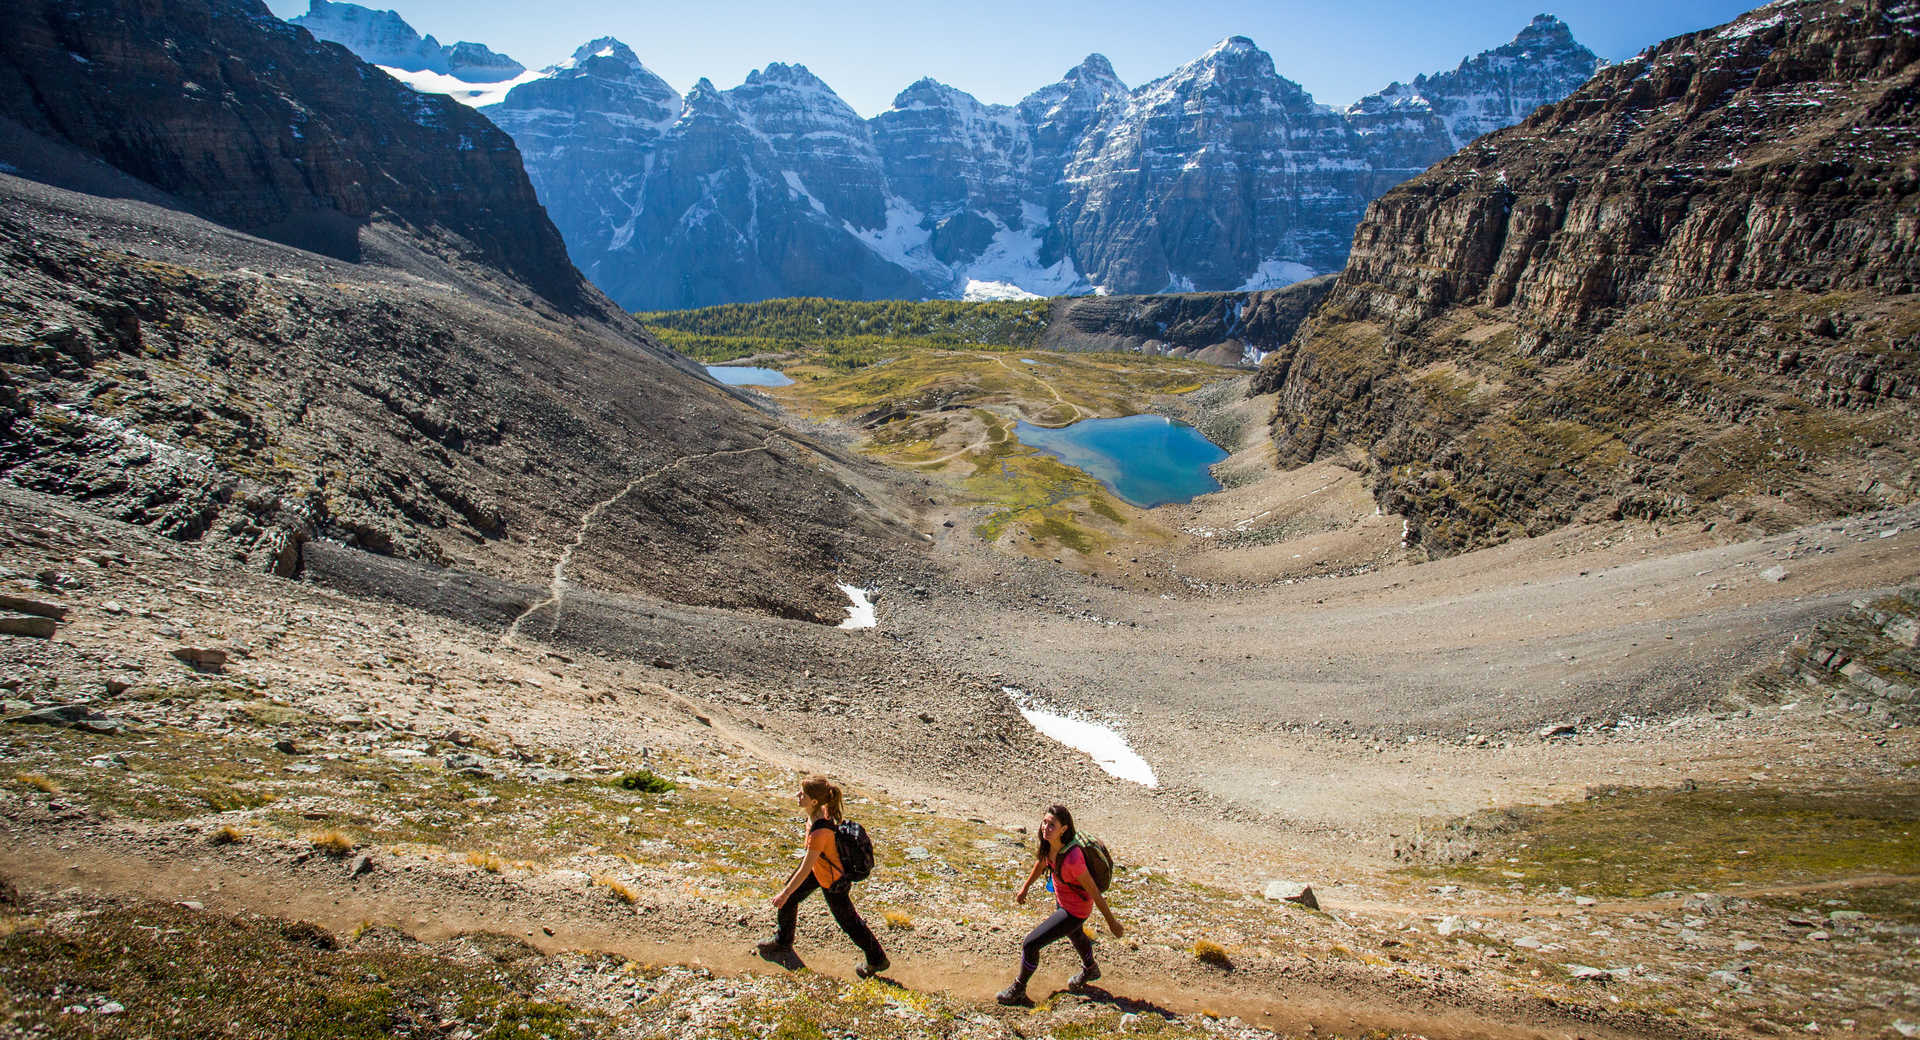 Randonnée dans les Rocheuses canadiennes